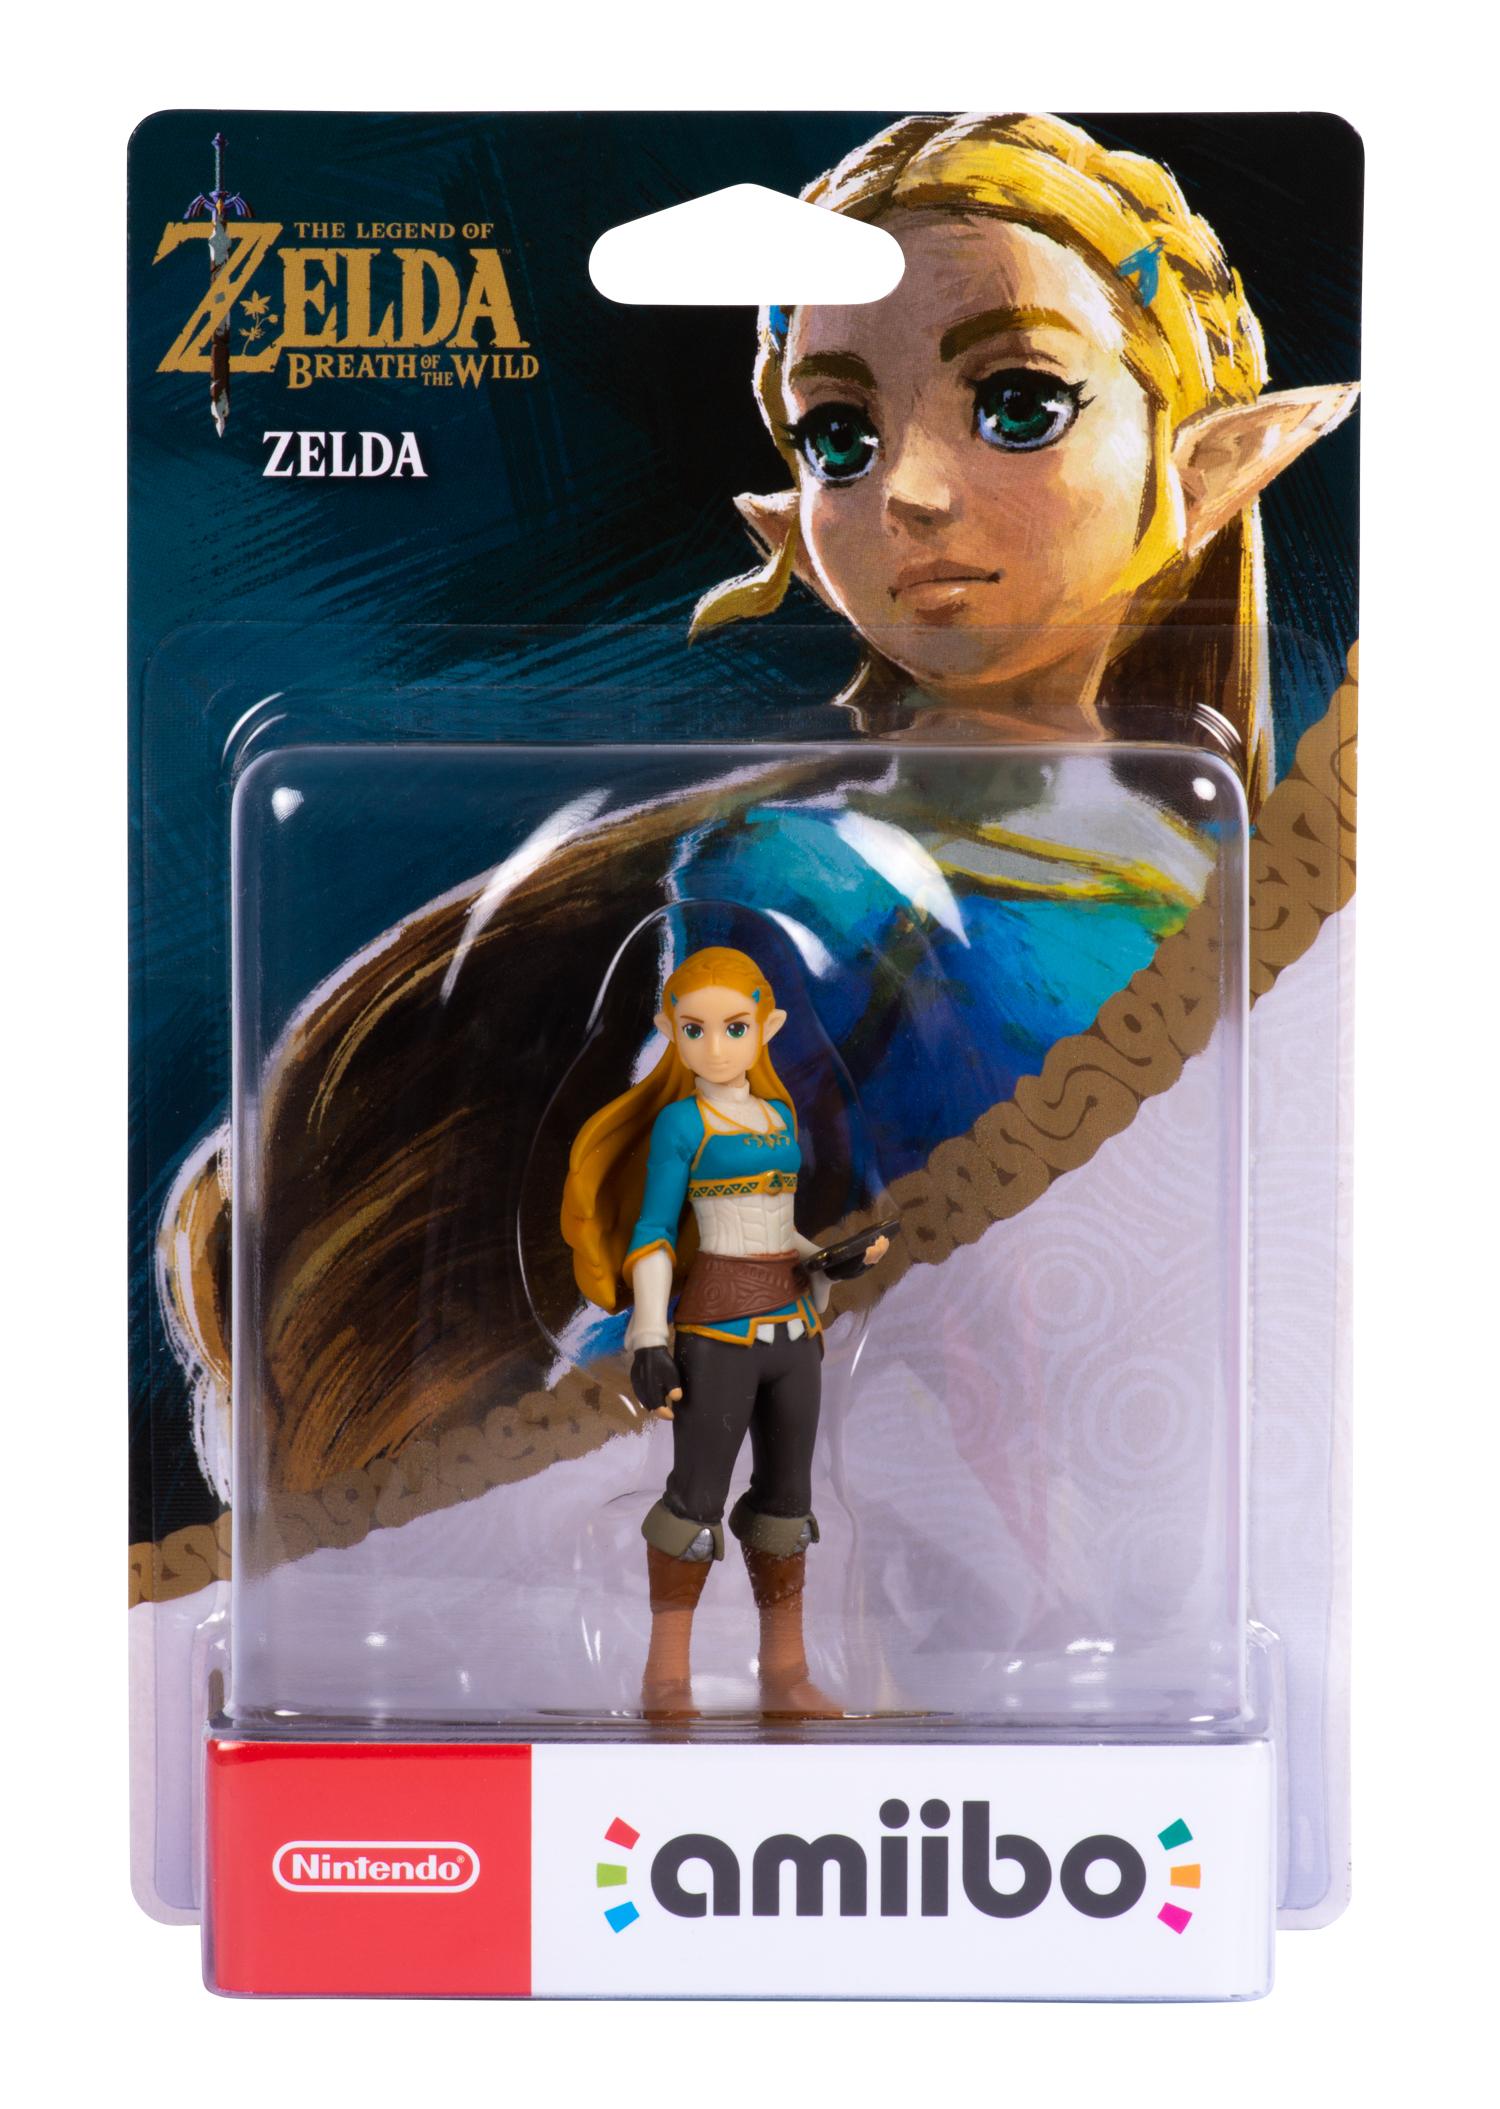 amiibo - The Legend of Zelda: Breath of the Wild - Zelda